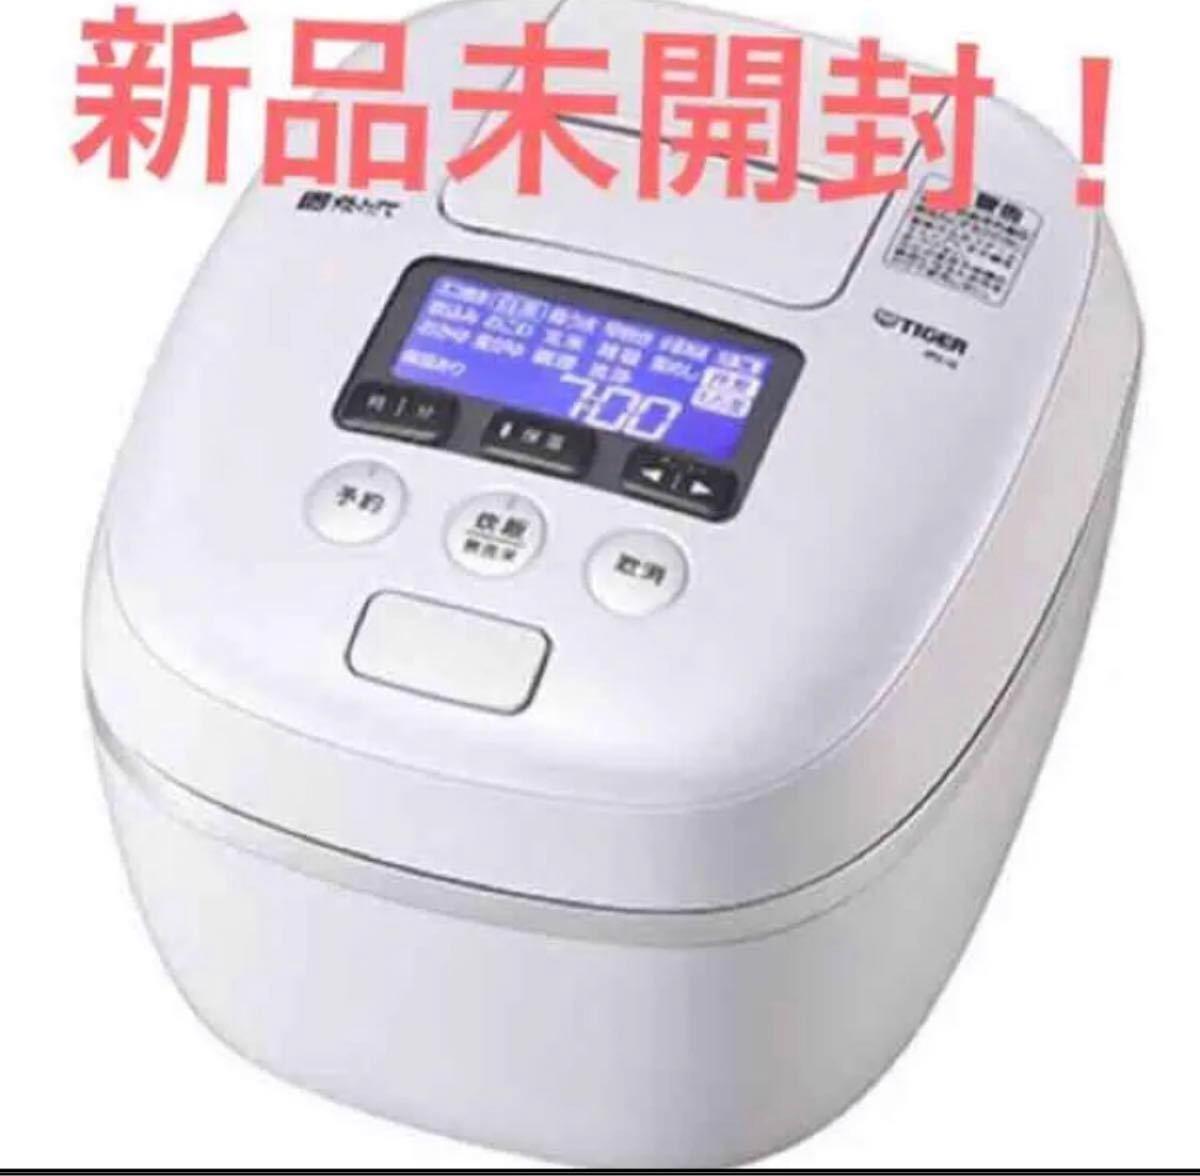 【新品】タイガー厚釜土鍋圧力IH炊飯器5.5合炊きjpc-g100